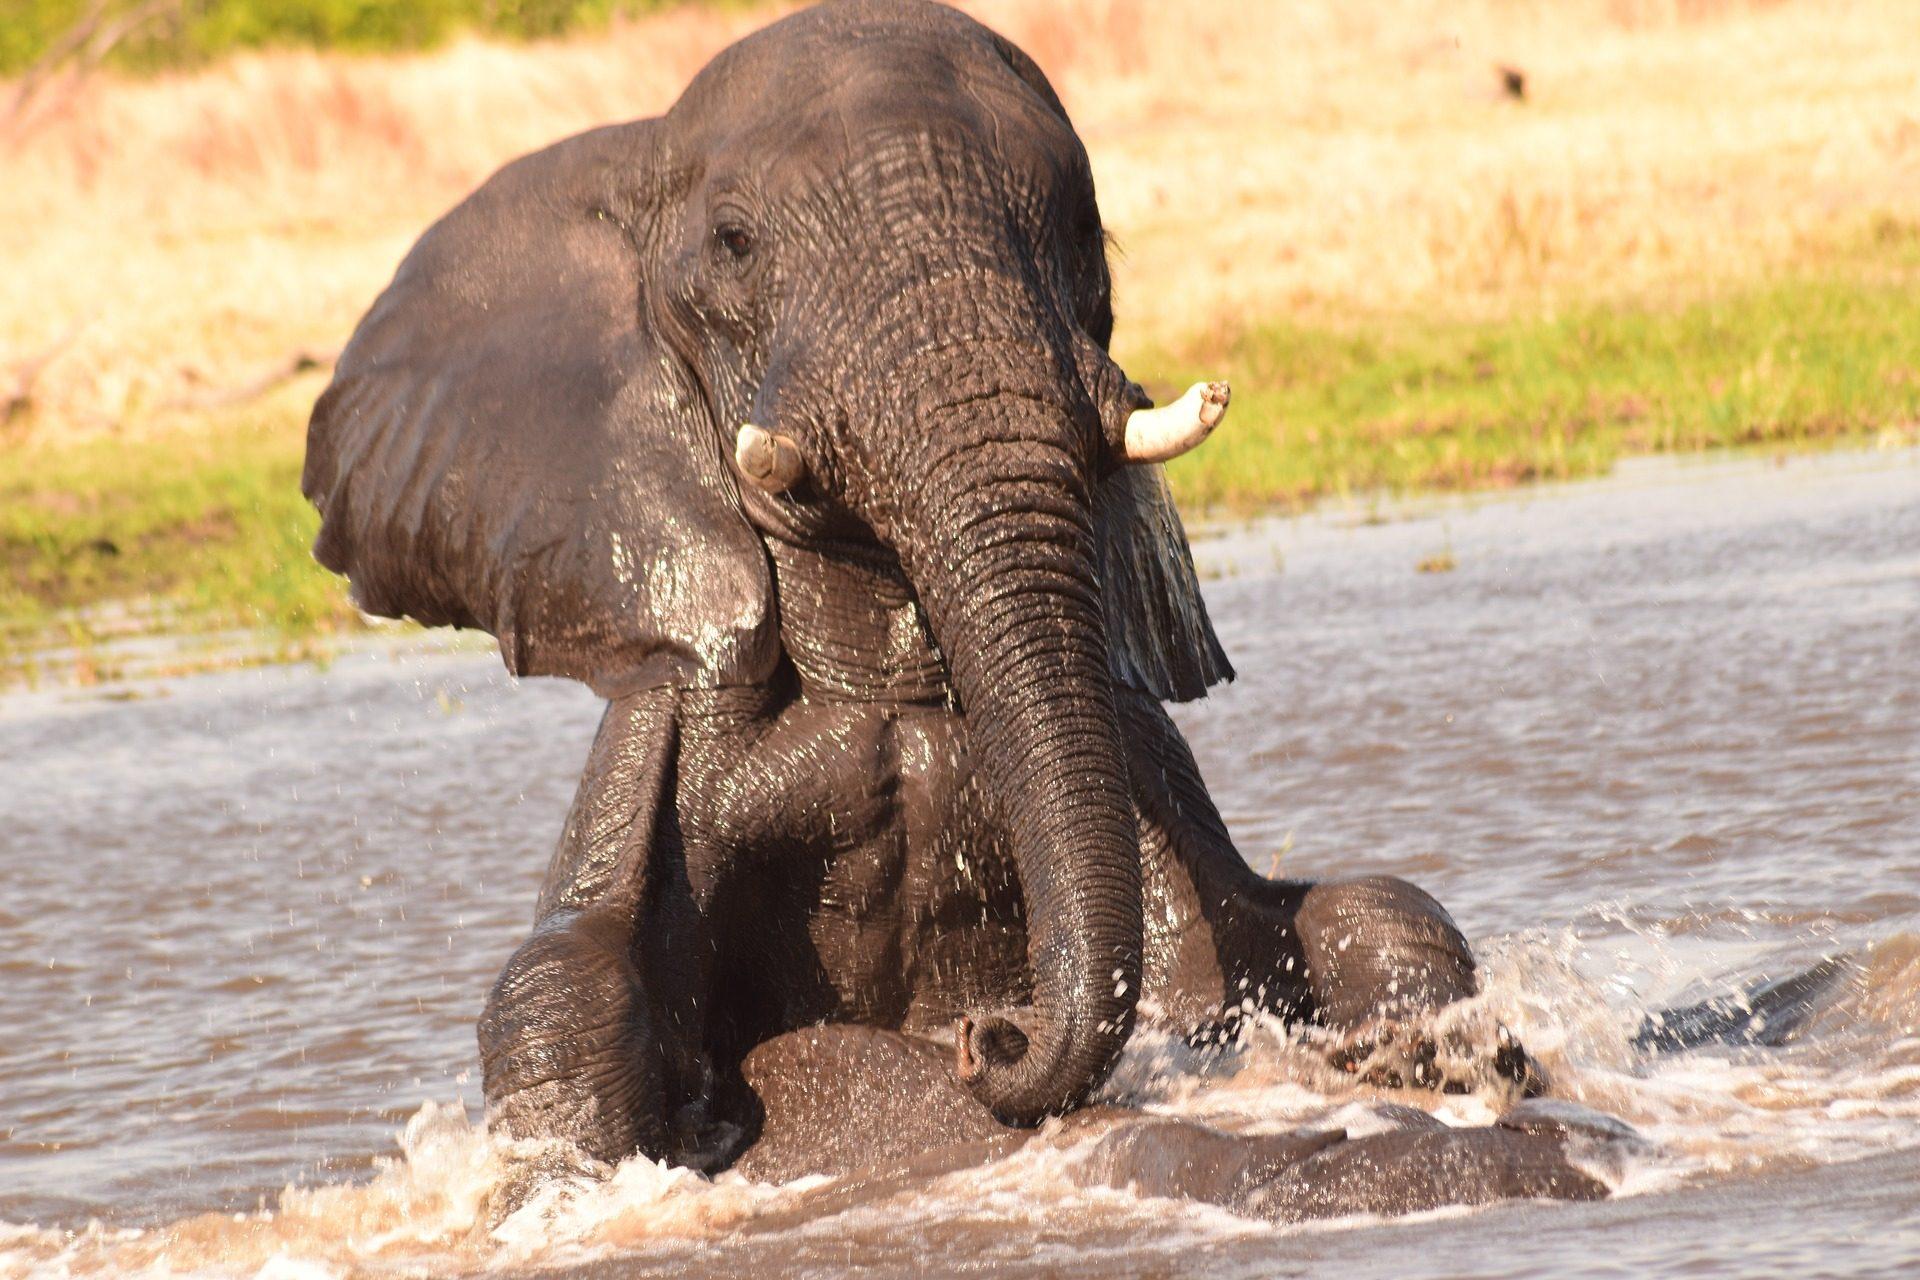 大象, 河, 水, 游戏, 浴室, 獠牙 - 高清壁纸 - 教授-falken.com